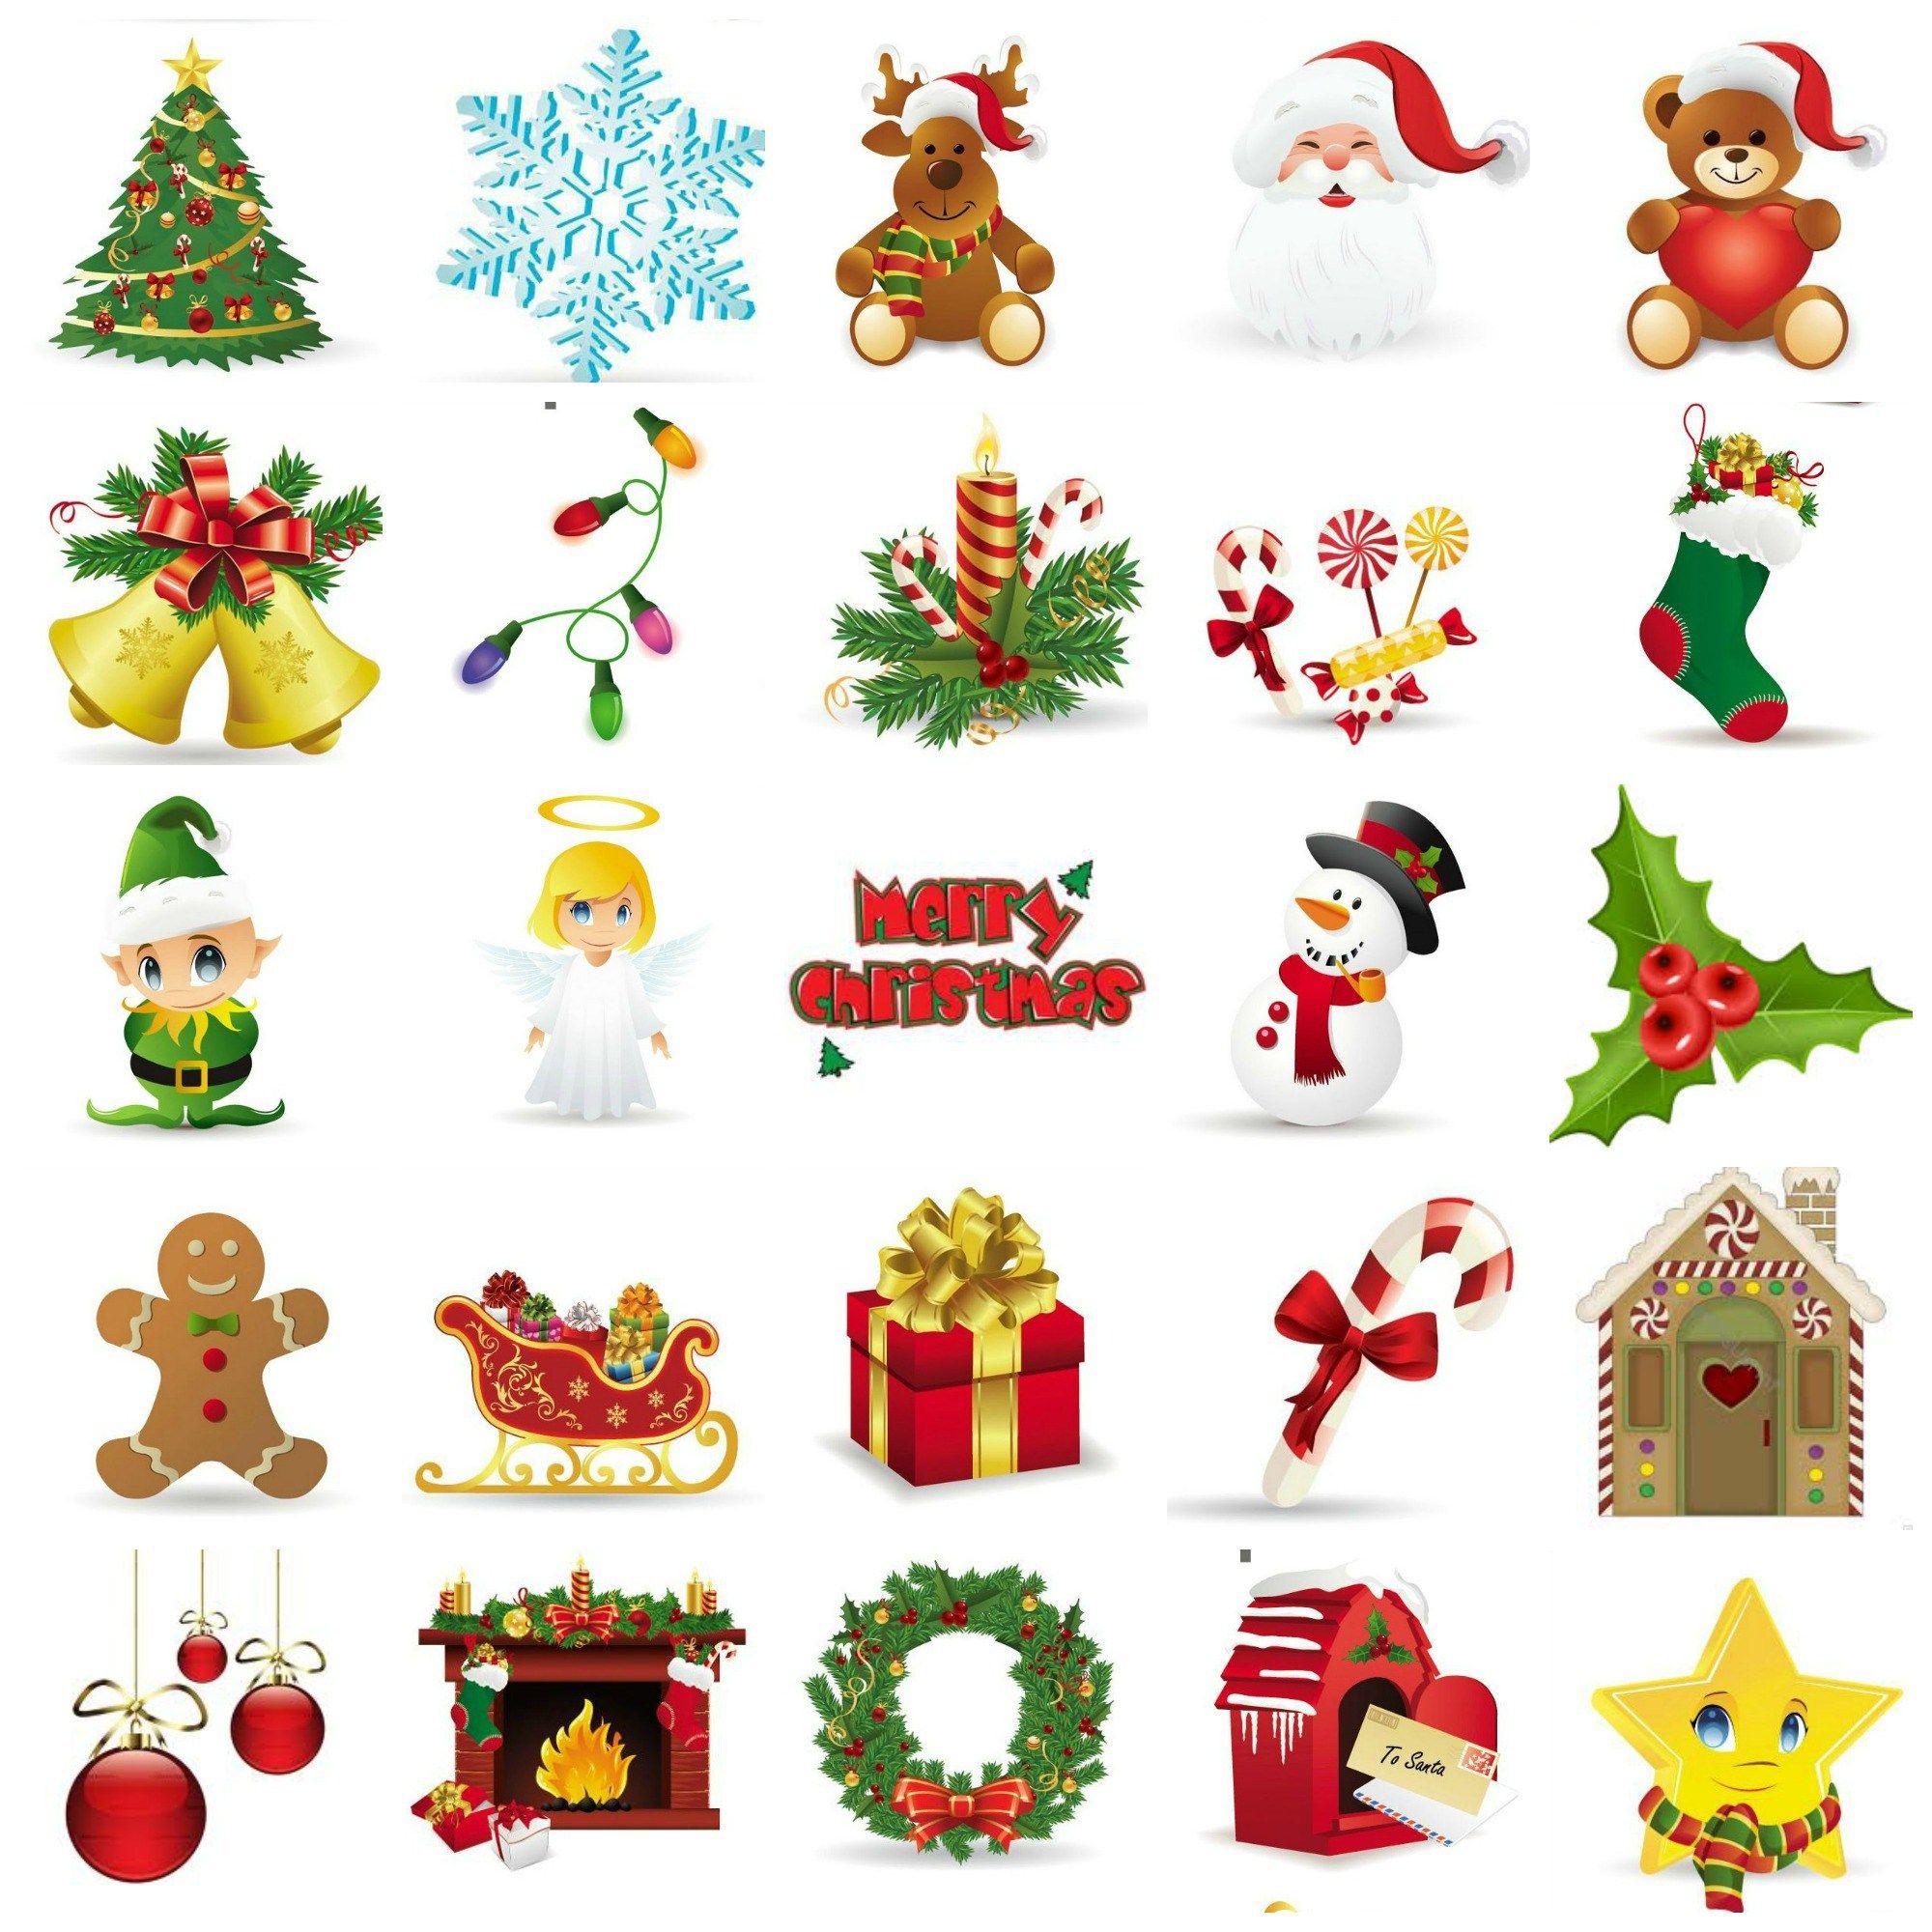 Christmas Bingo Free Printable Christmas Bingo Printable Bingo Cards Christmas Bingo Christmas Images Free Christmas